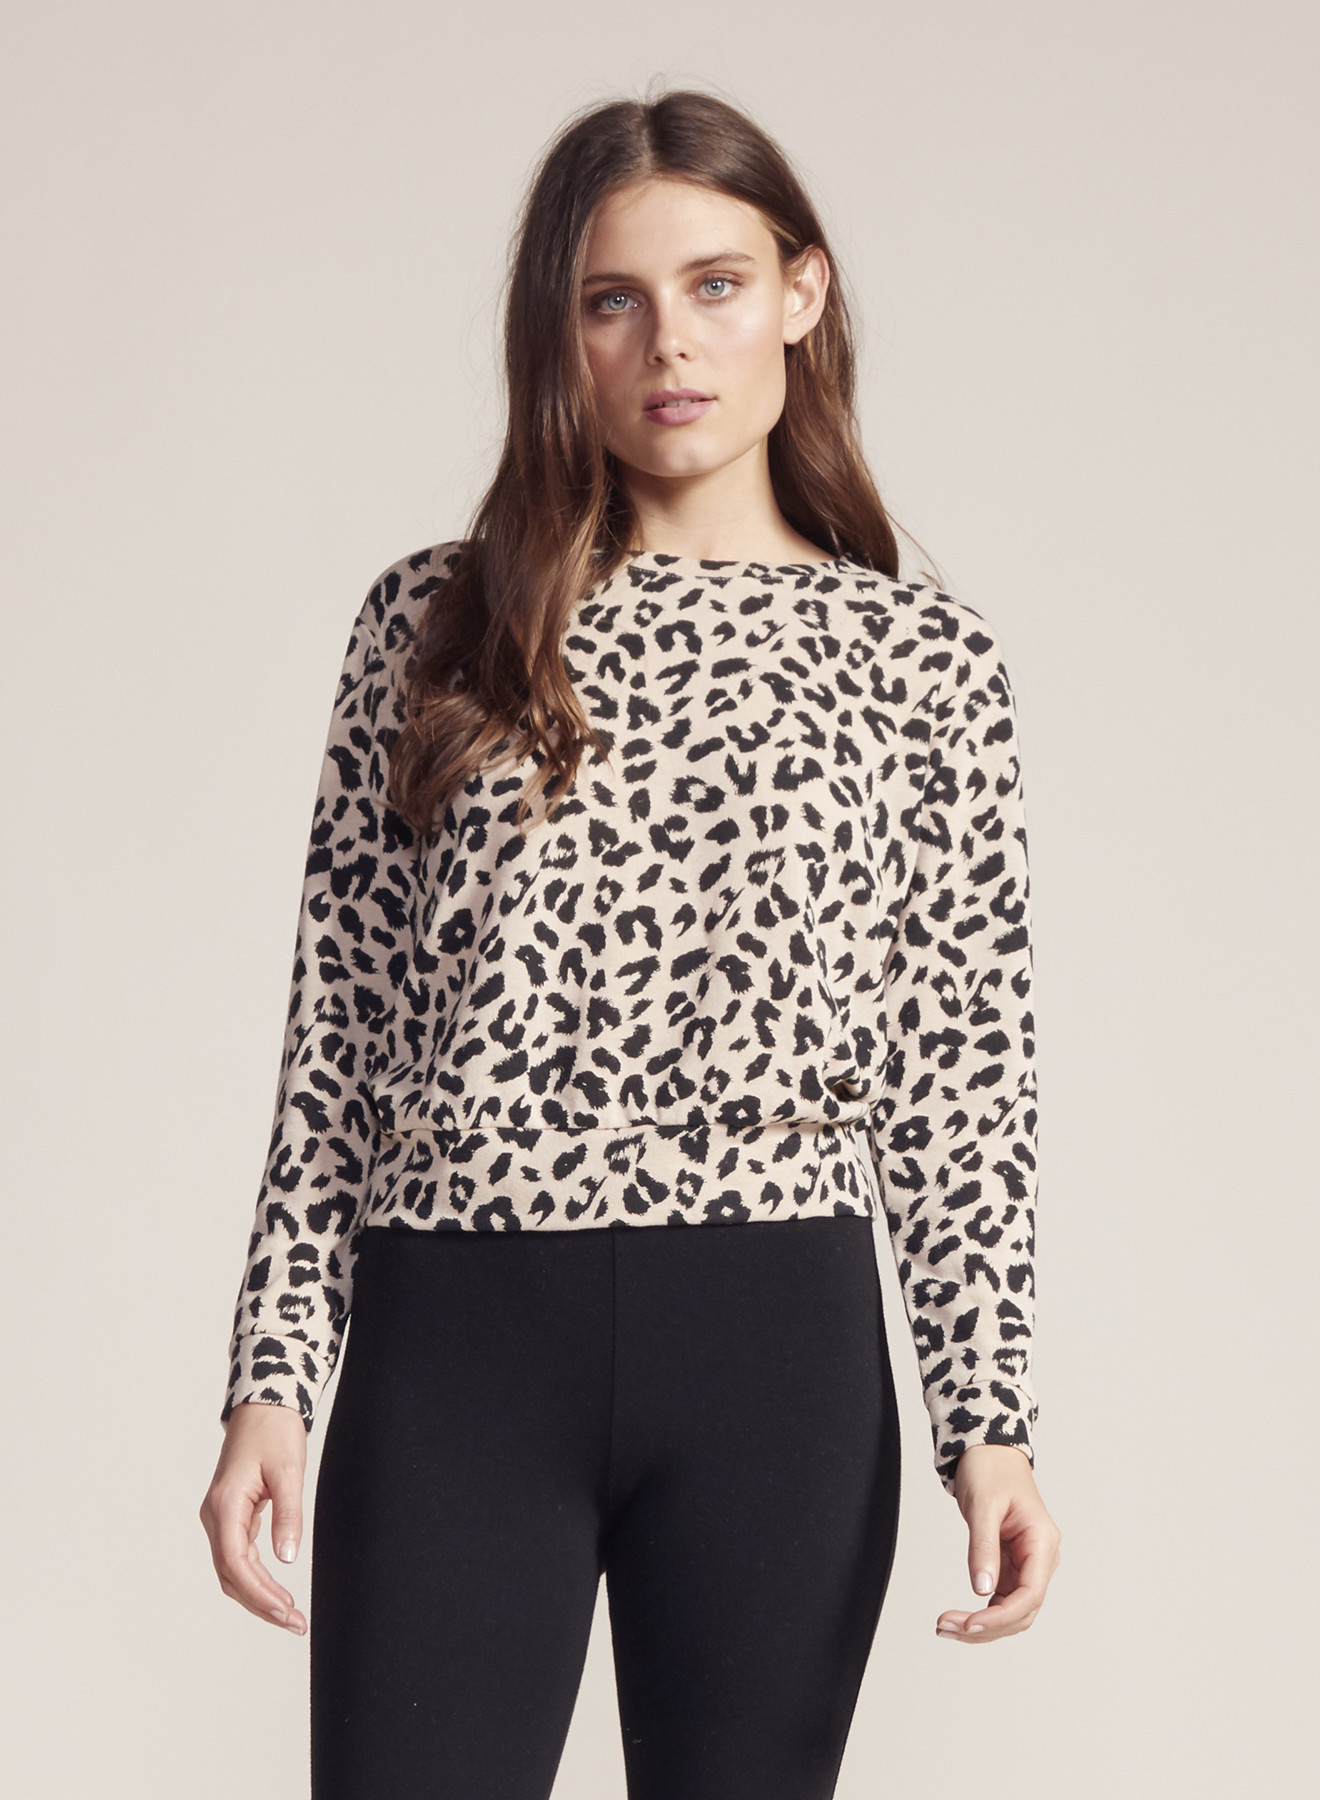 Cat Nap Sweatshirt